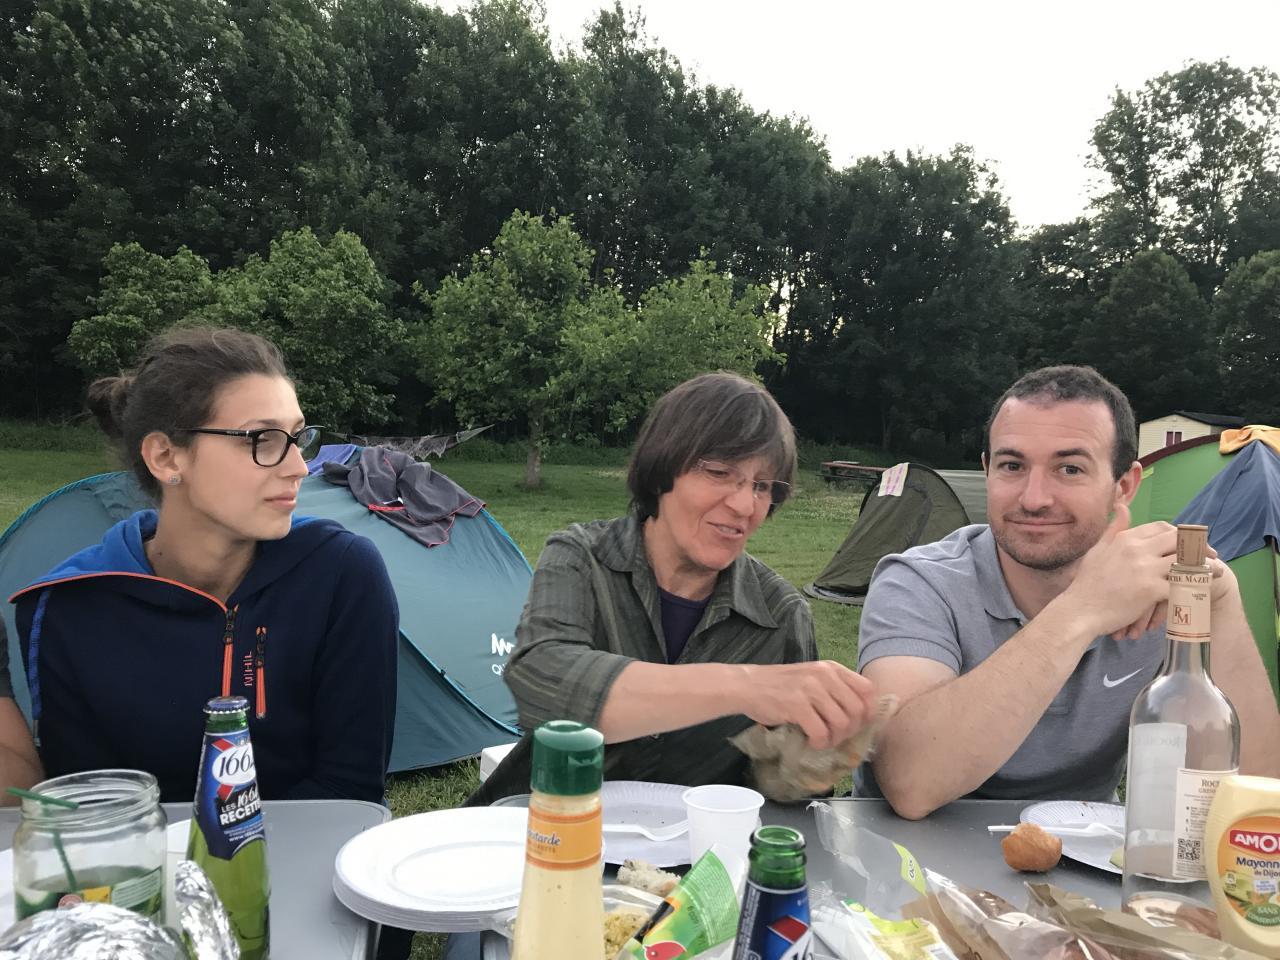 Photo 17-06-2017 21 54 20 (1)